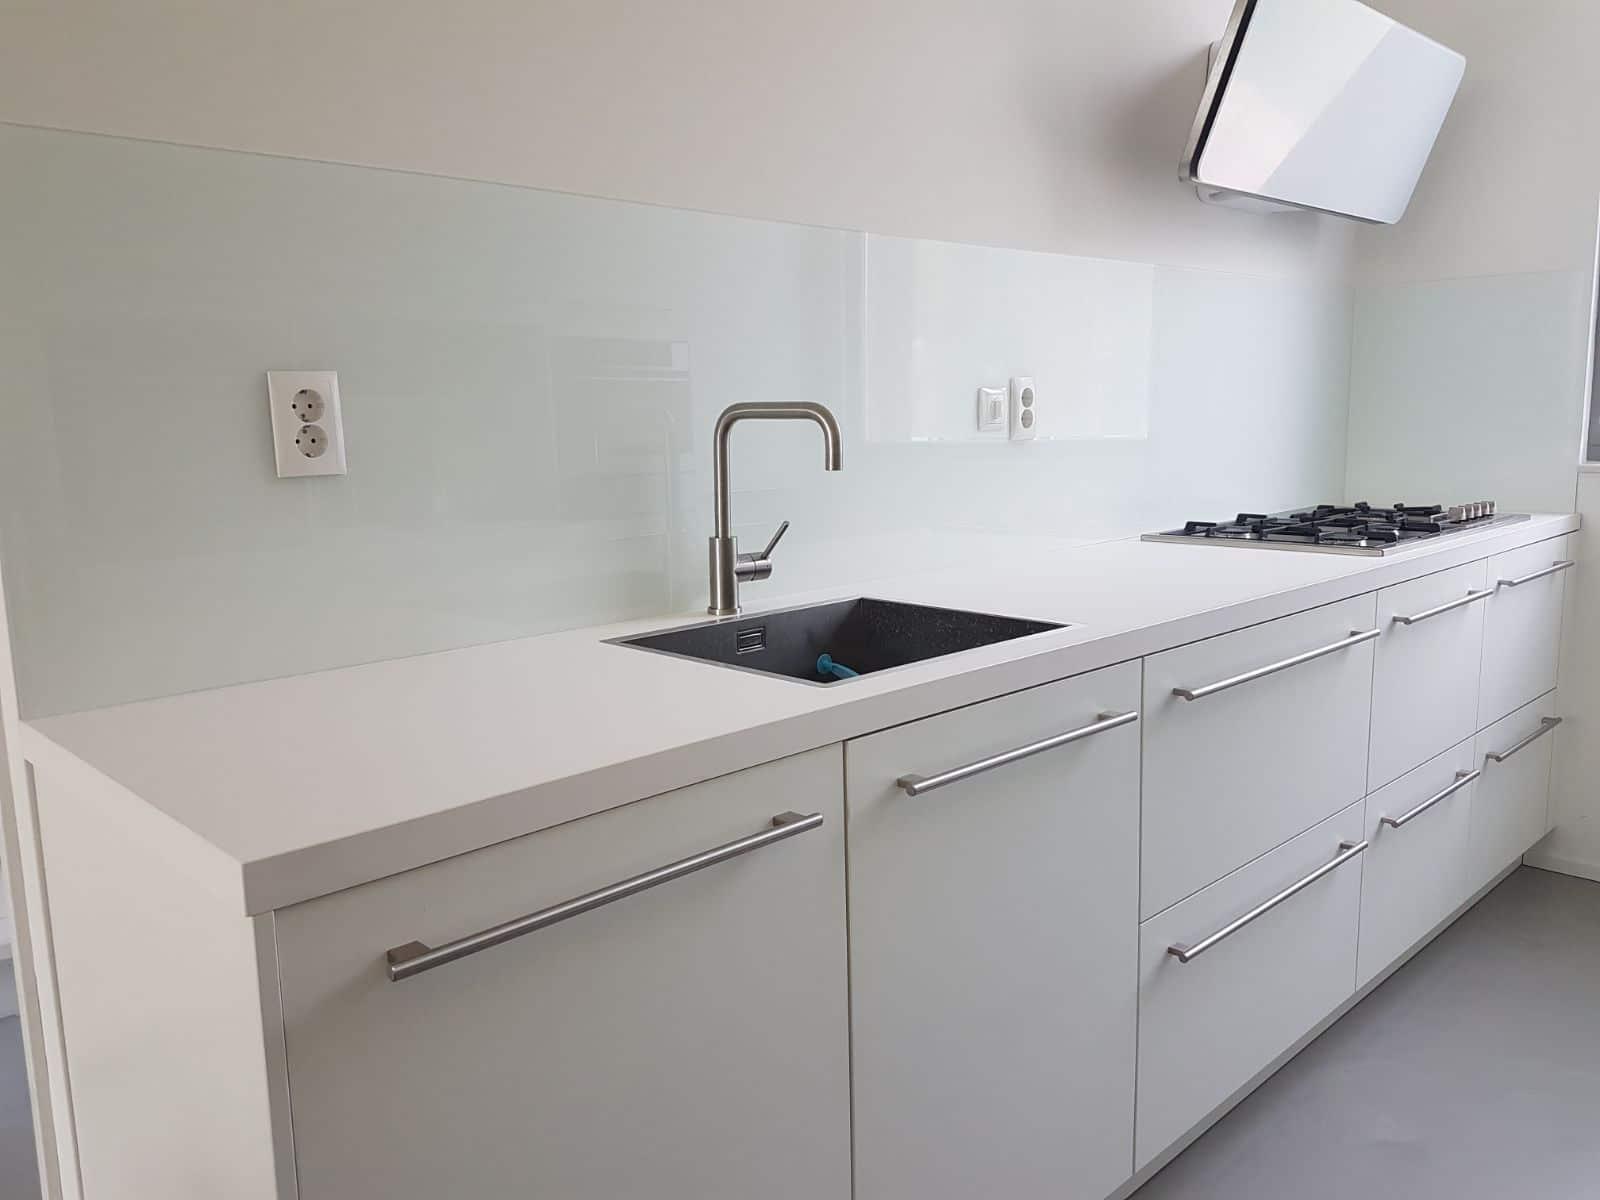 Keuken Achterwand Goedkoop : Glazen achterwand keuken ontdek de mogelijkheden glasbestellen